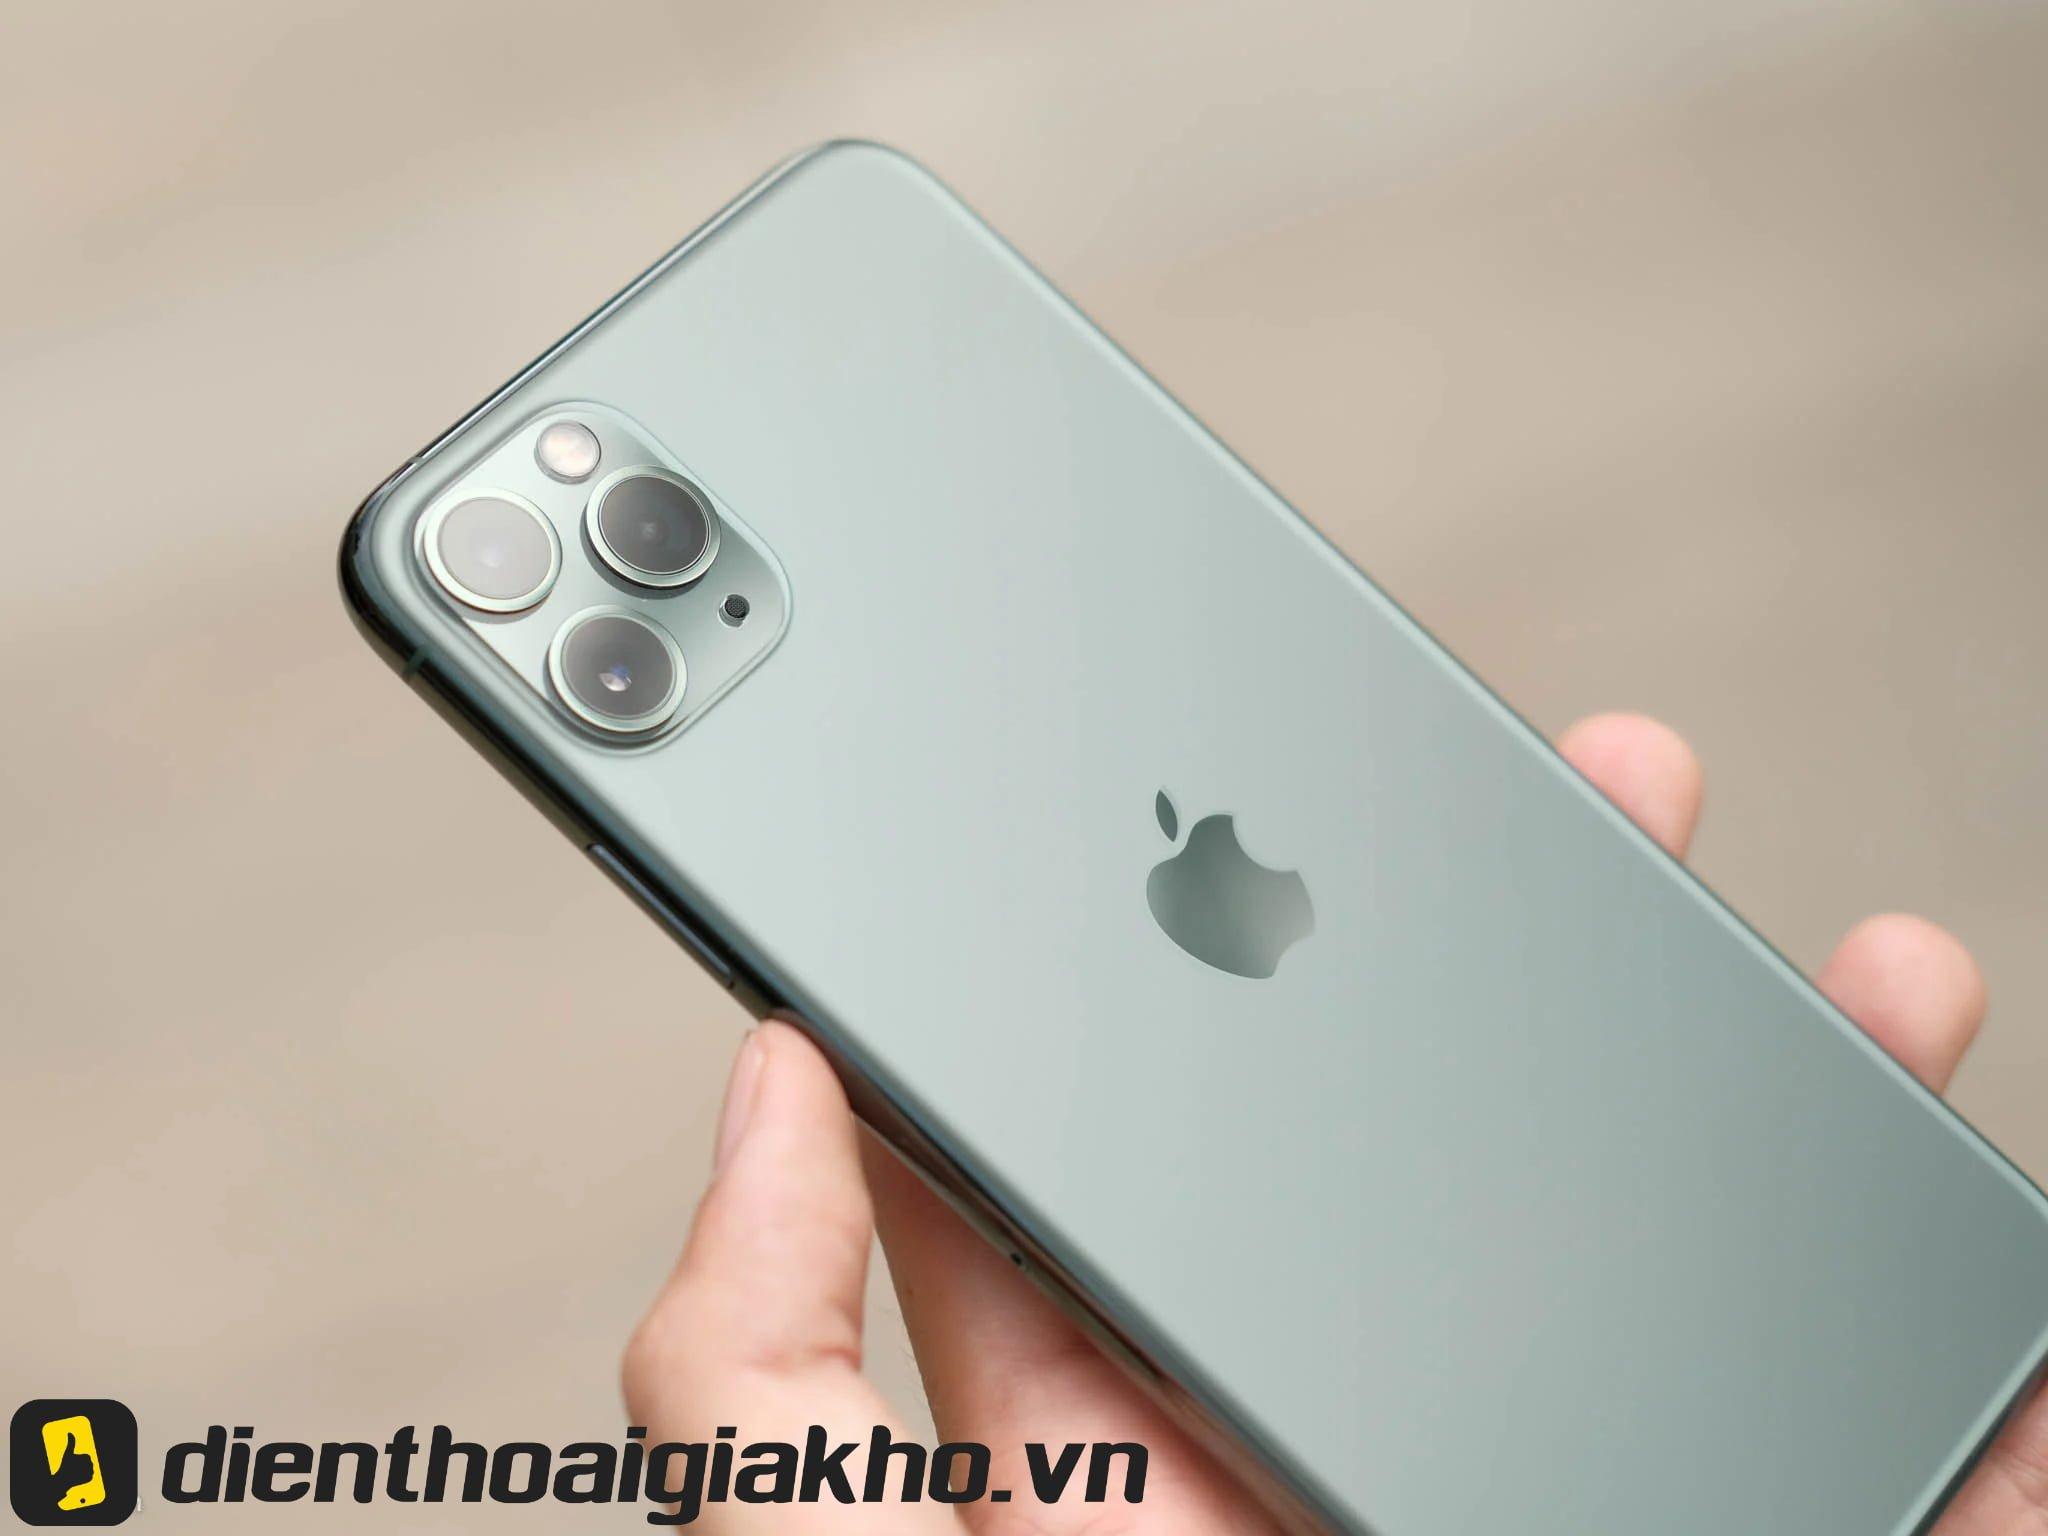 Apple dường như đã lấy lại chỗ đứng trong mảng máy ảnh. Sau thời gian nhường chỗ cho các dòng điện thoại Android.